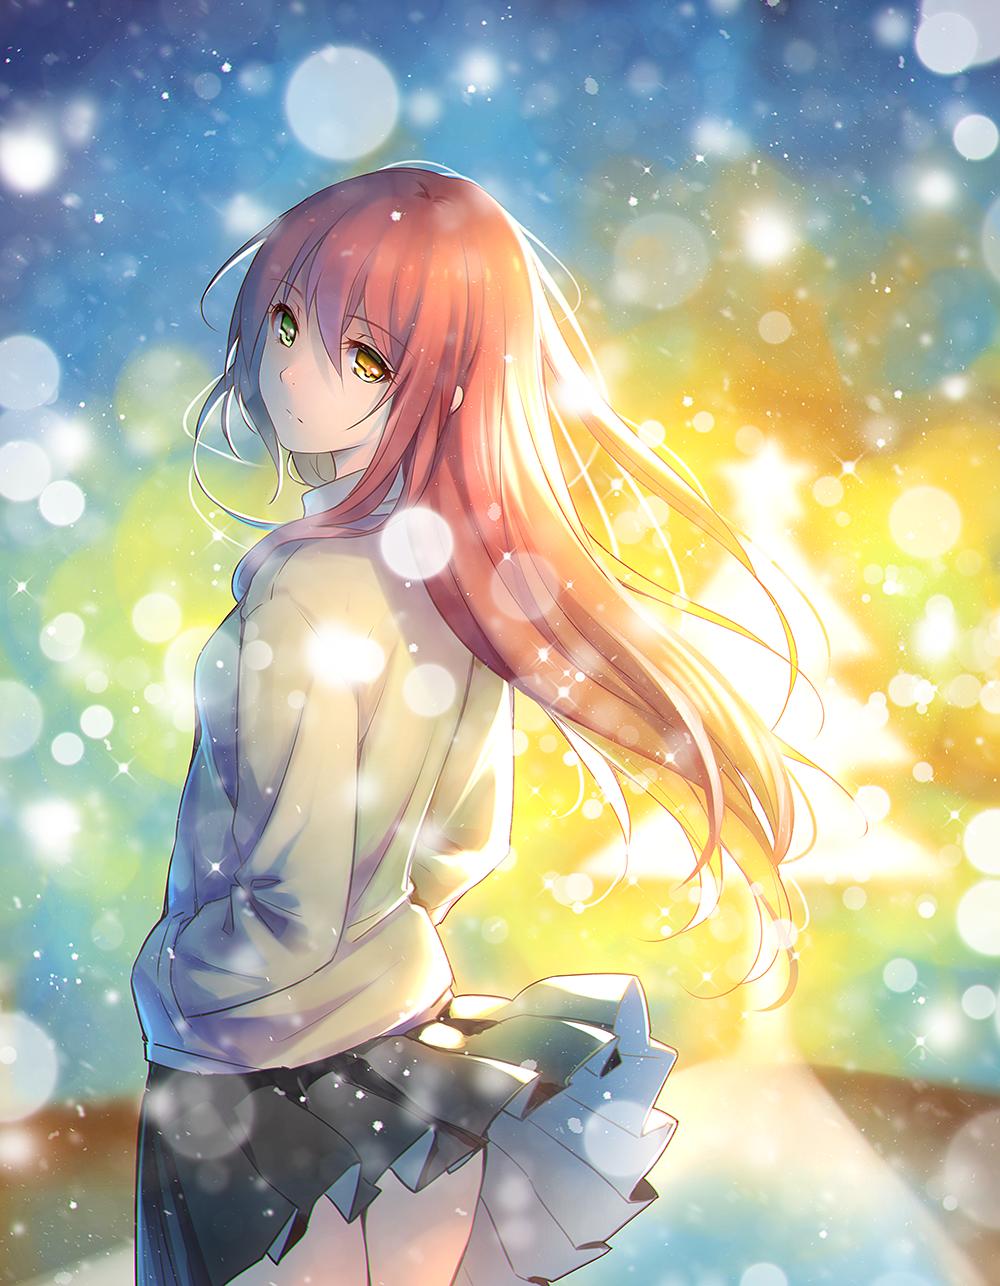 Картинки аниме красивых девушек арты